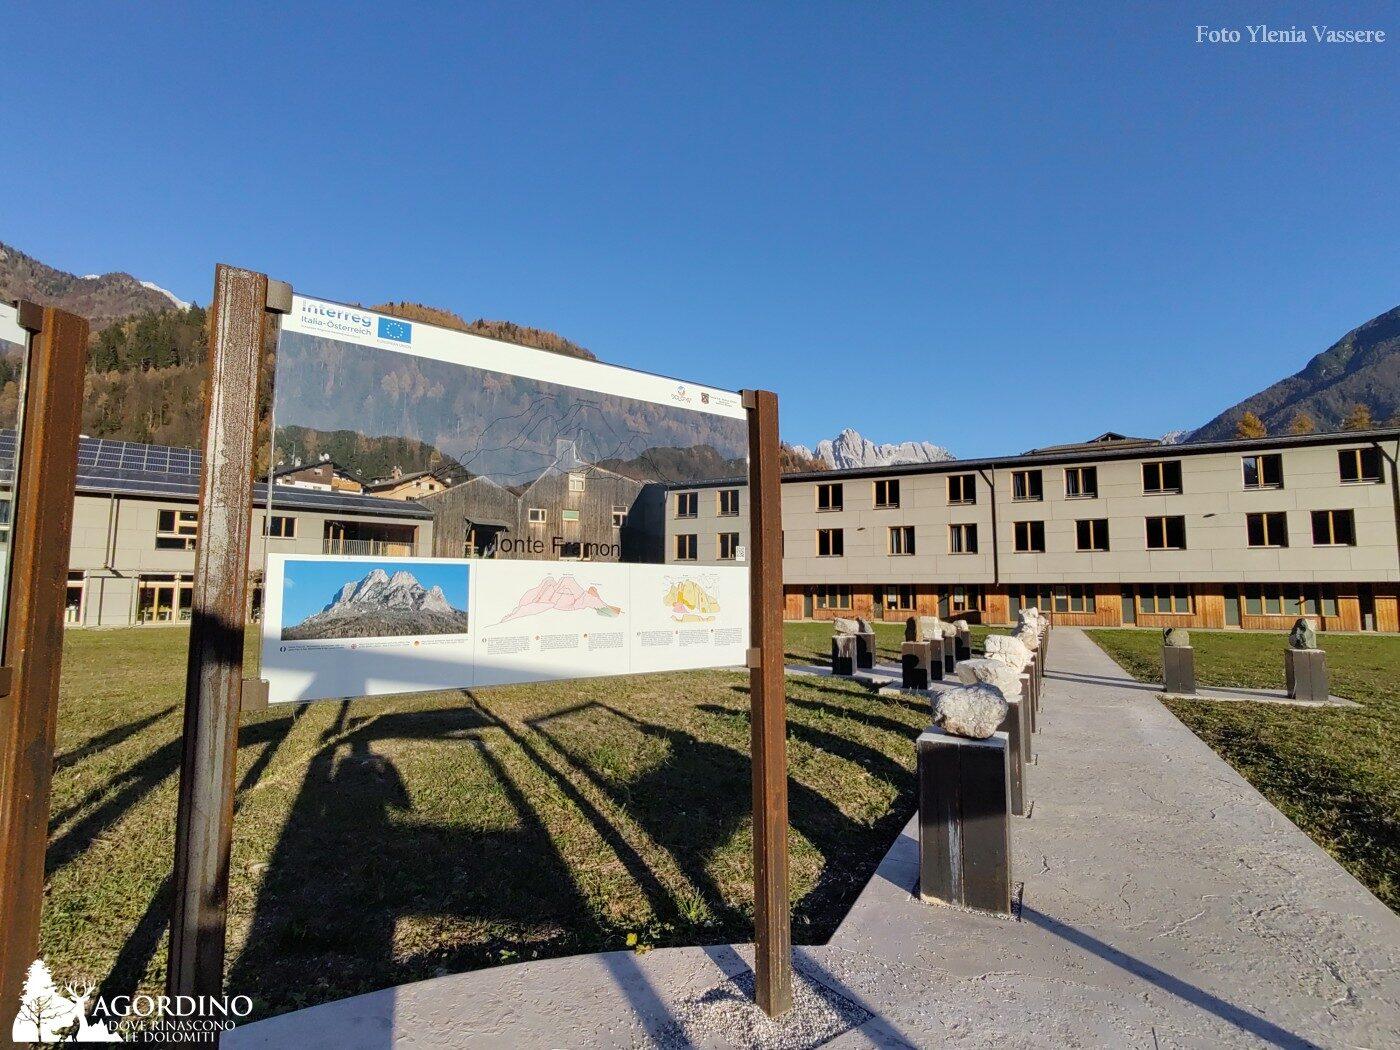 La via della Dolomia -La stazione geoturistica del Follador